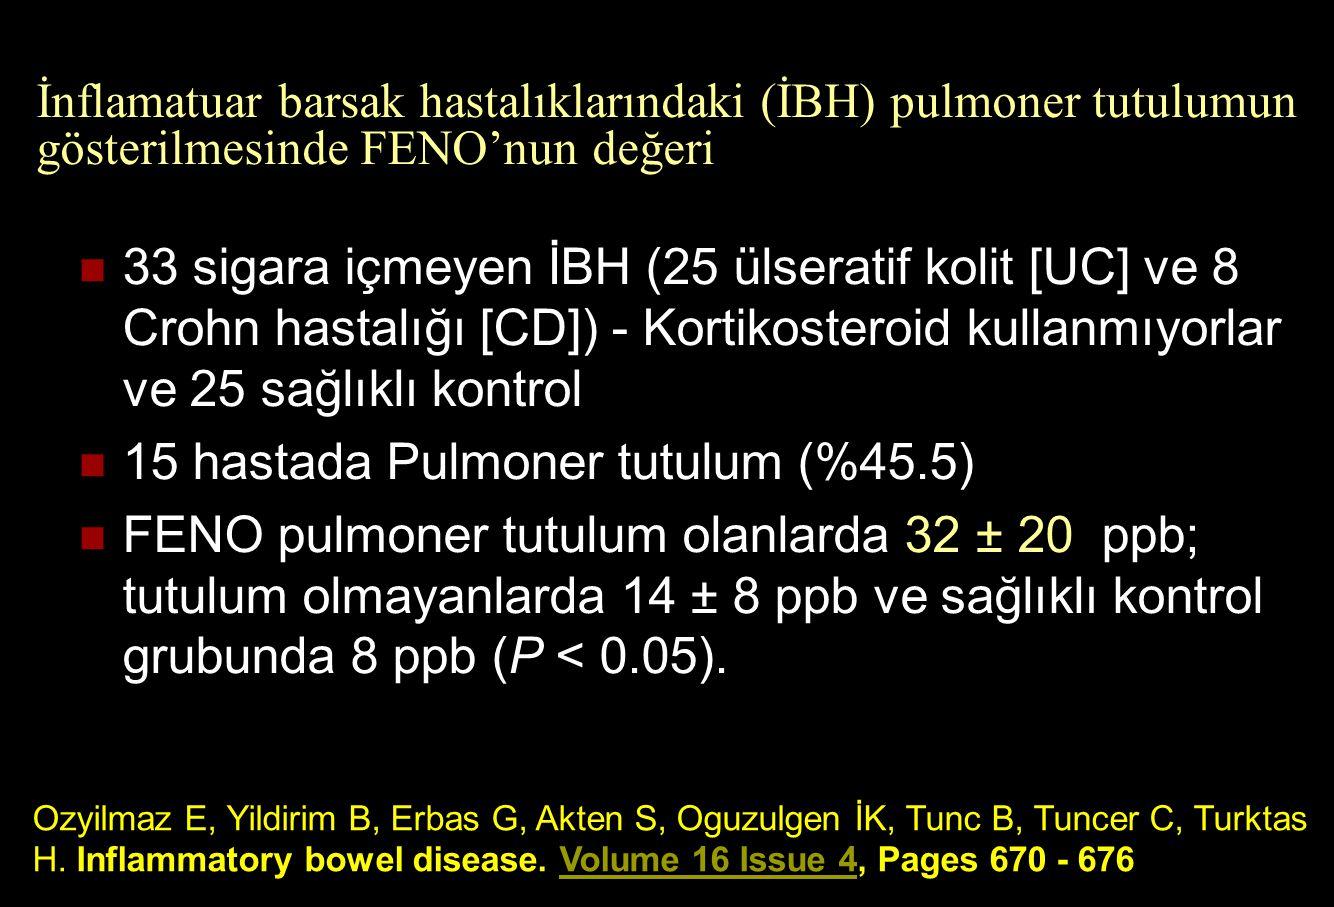 İnflamatuar barsak hastalıklarındaki (İBH) pulmoner tutulumun gösterilmesinde FENO'nun değeri 33 sigara içmeyen İBH (25 ülseratif kolit [UC] ve 8 Croh